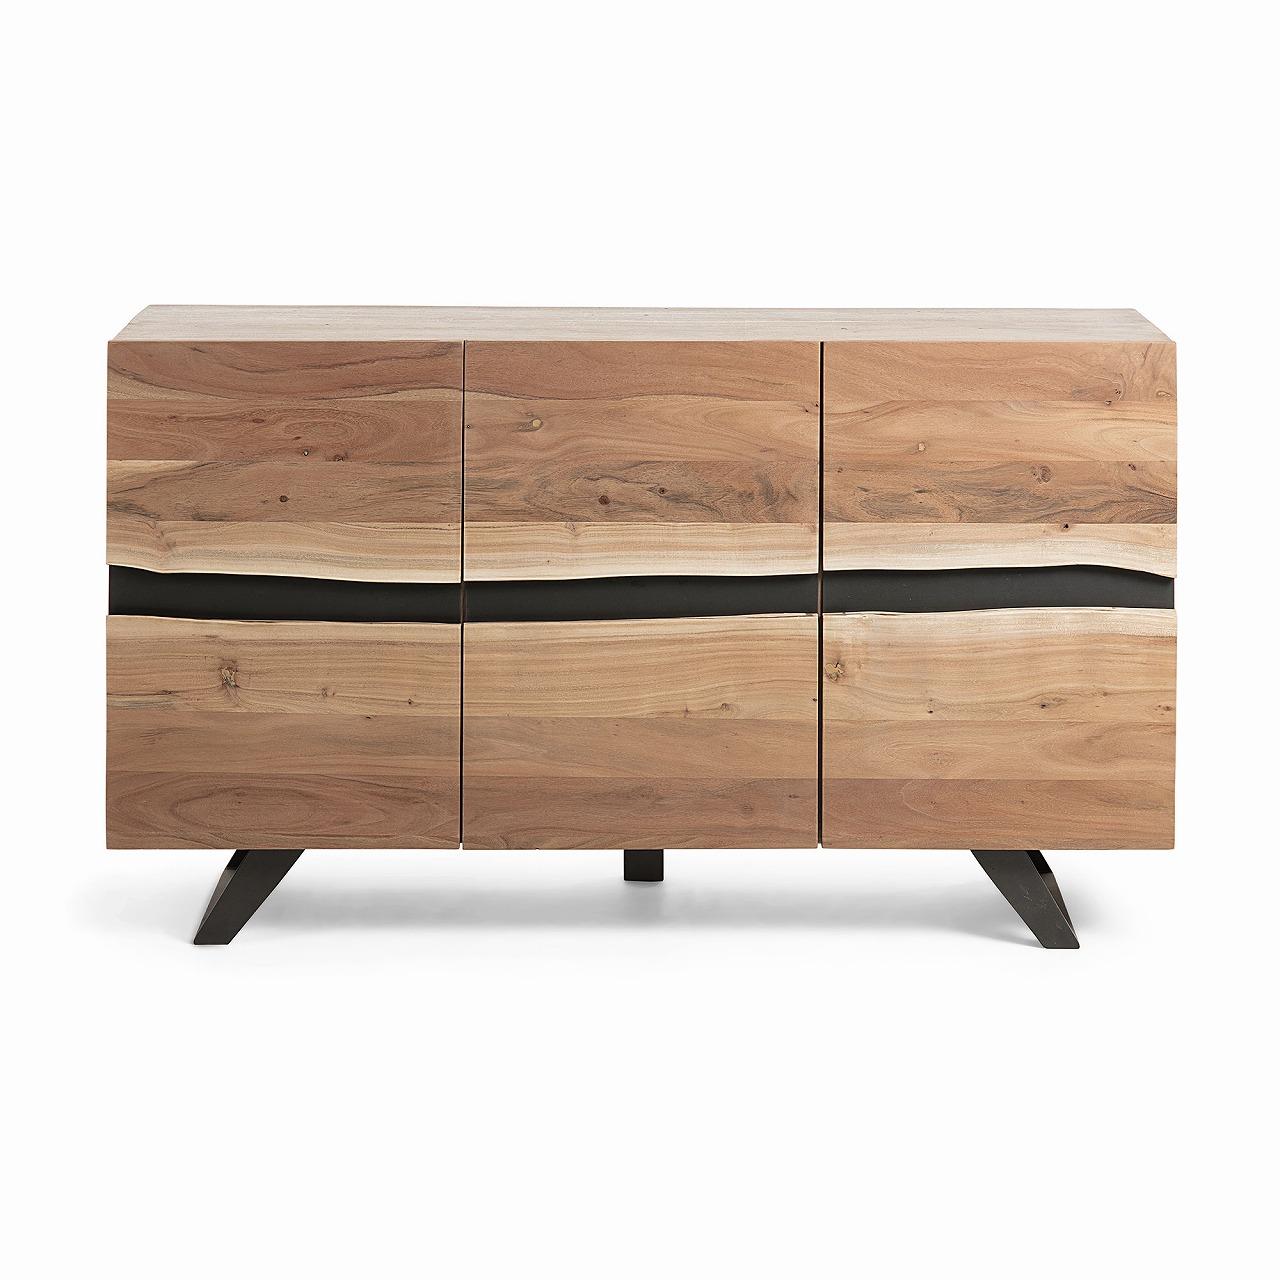 IRVIN Sideboard 148x85 metal wood acacia